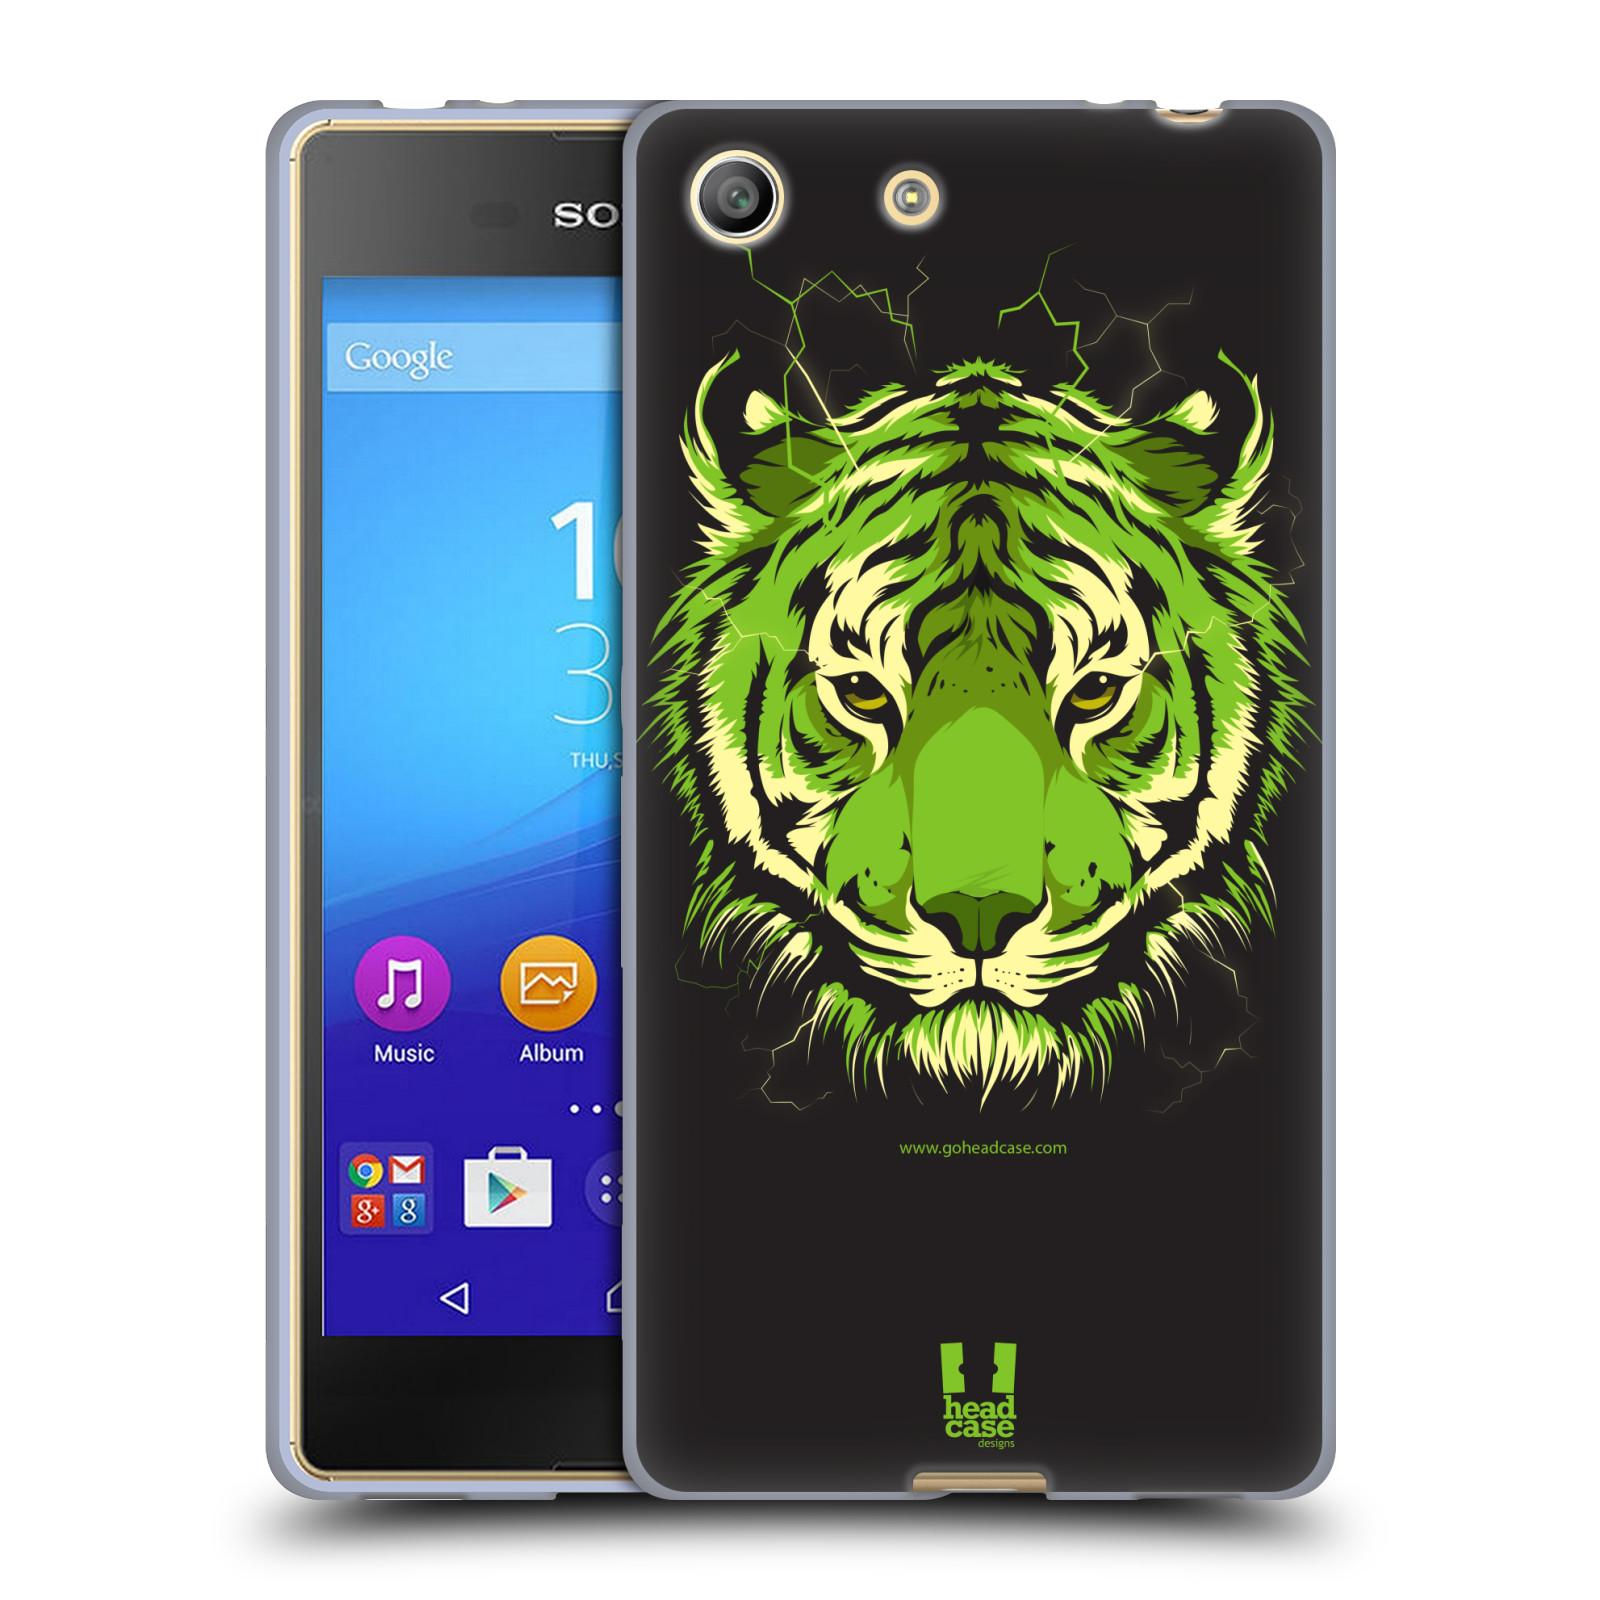 Silikonové pouzdro na mobil Sony Xperia M5 HEAD CASE BENGÁLSKÝ TYGR (Silikonový kryt či obal na mobilní telefon Sony Xperia M5 Dual SIM / Aqua)